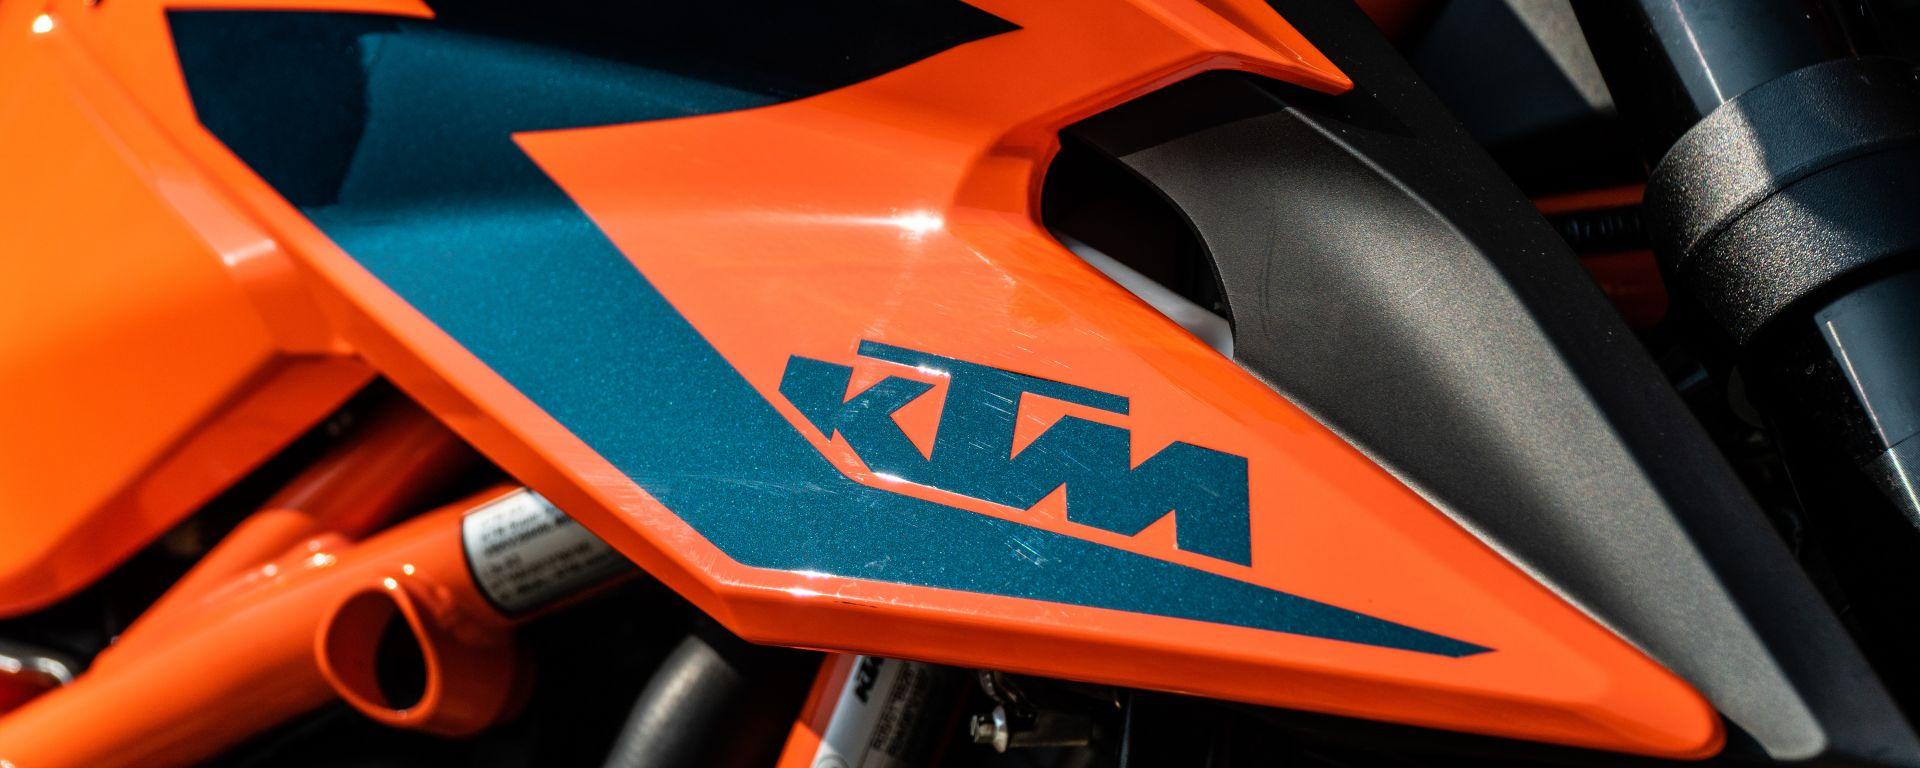 KTM: spuntano alcuni dati della 1290 Super Duke RR